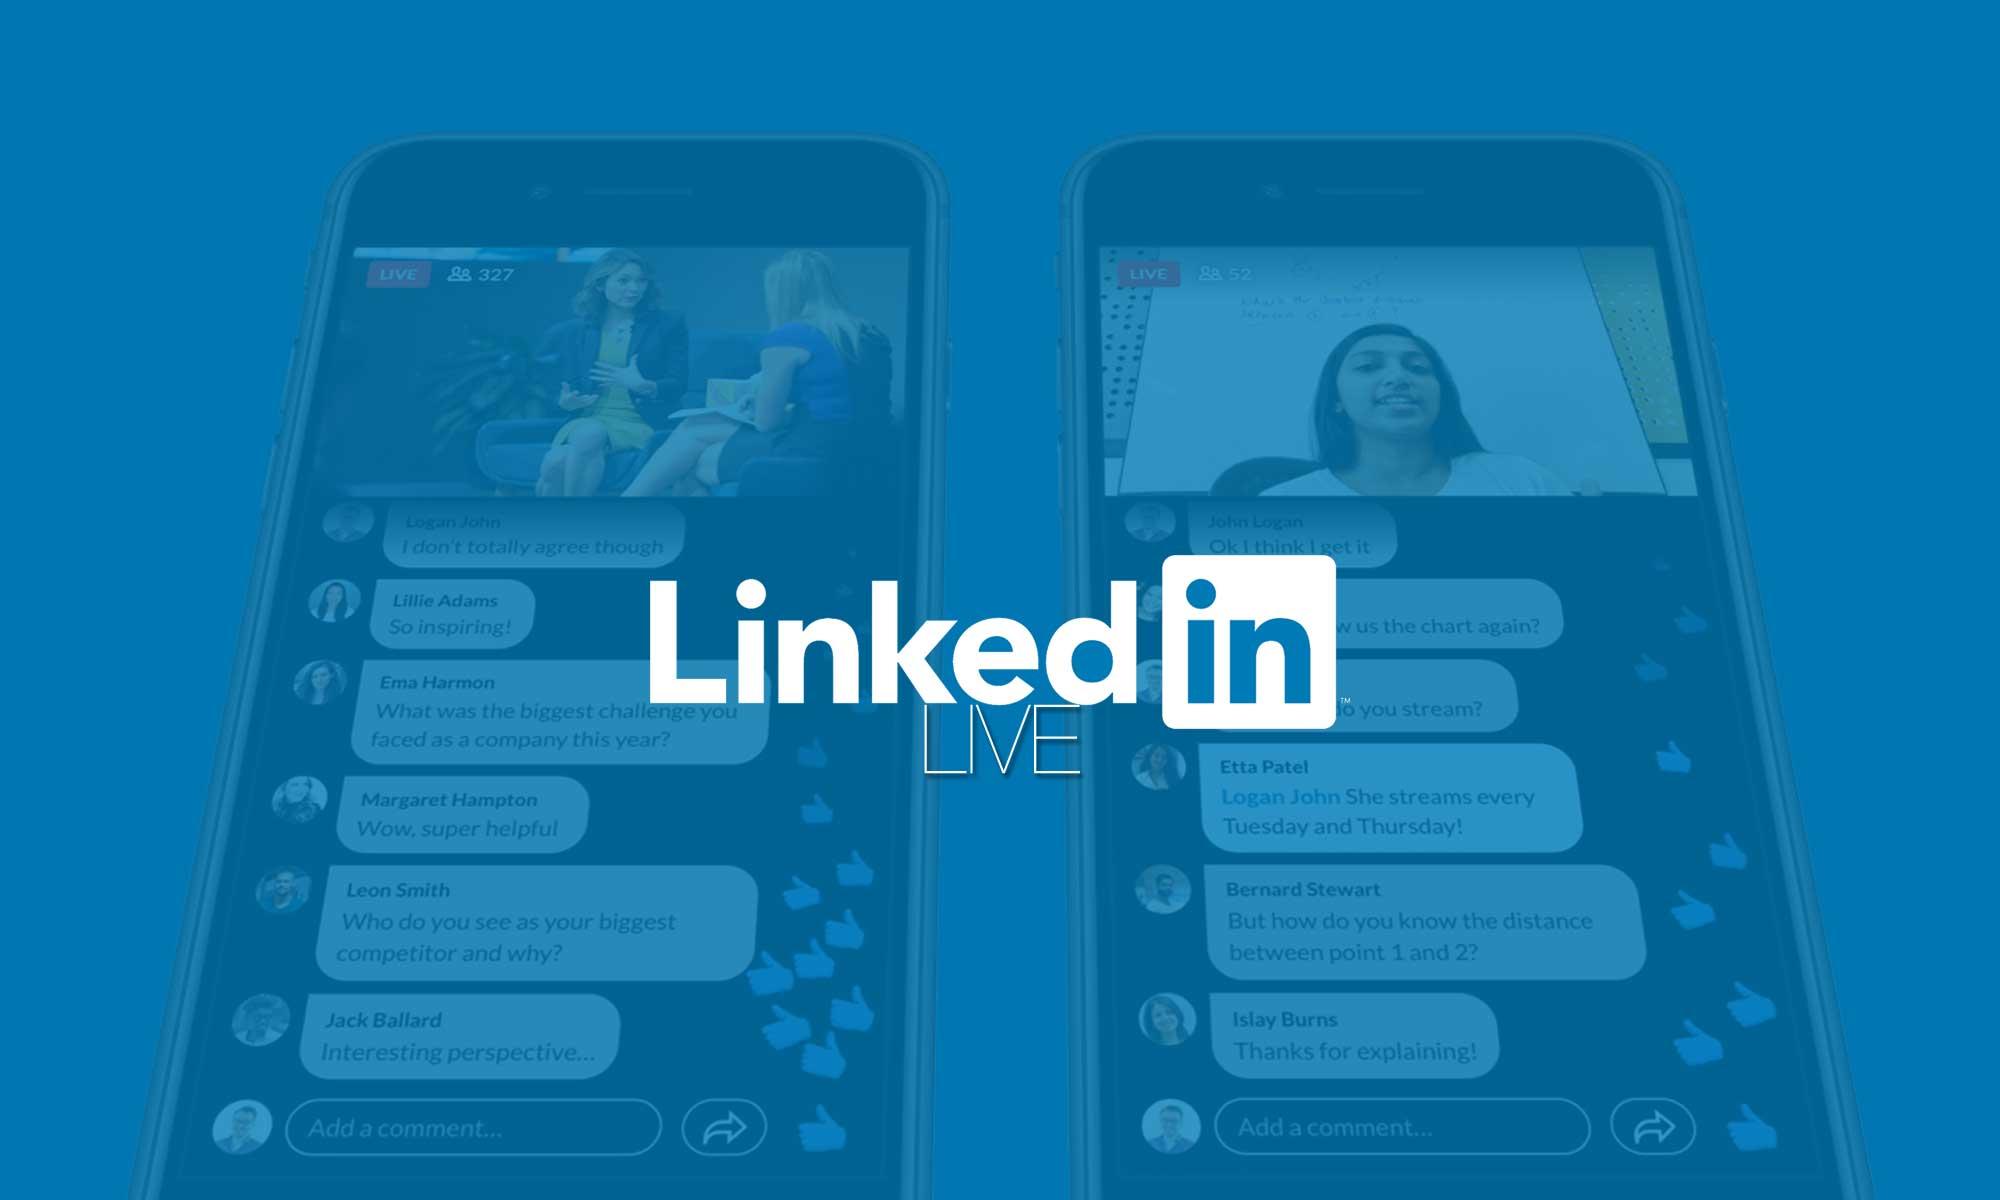 LinkedIn-Live-is-here